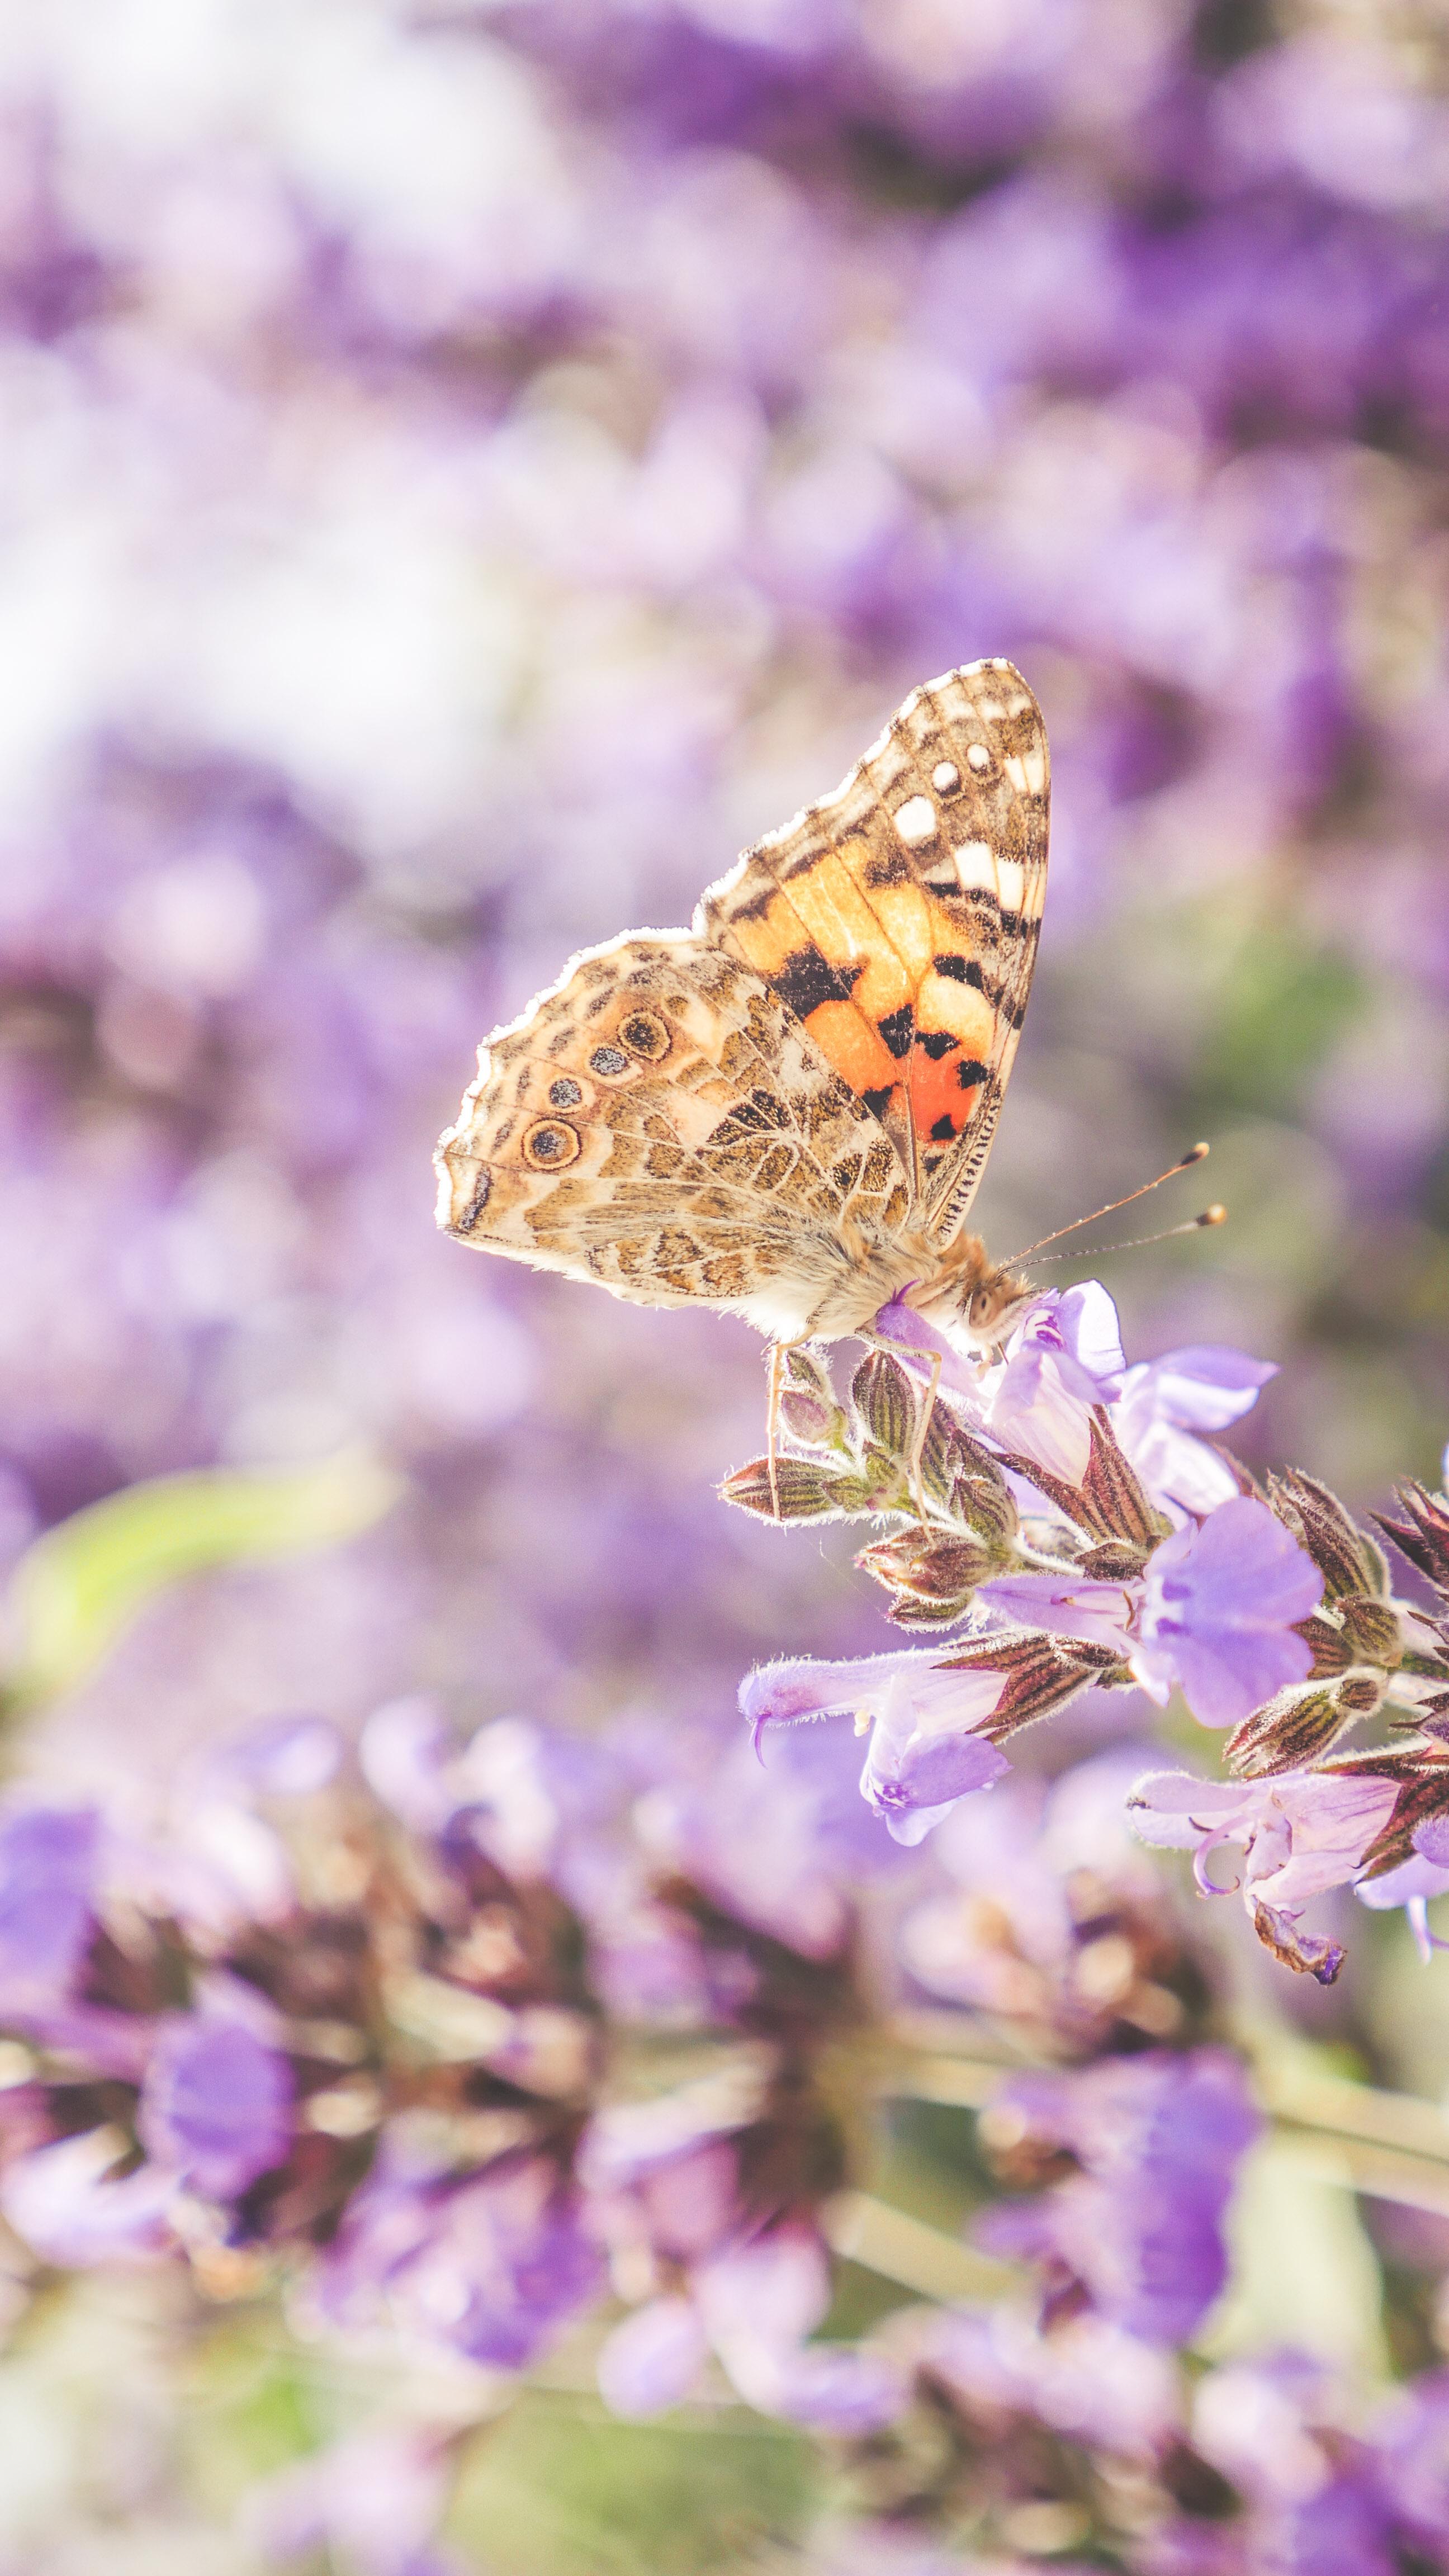 butterflies edited (7 of 24)